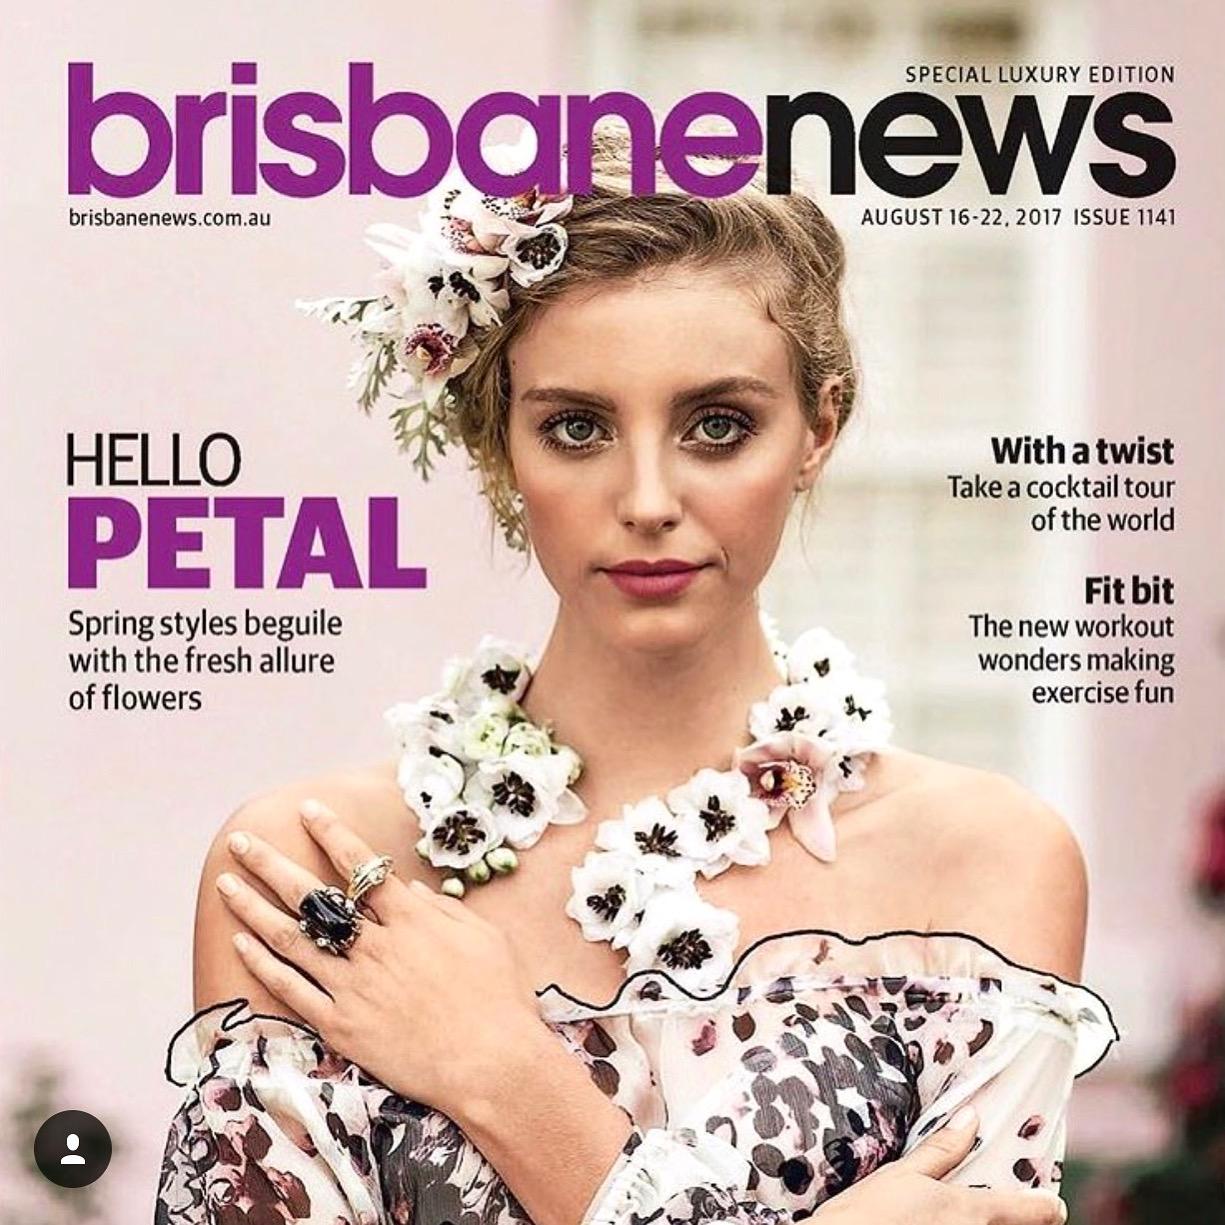 Brisbane news - Mercedes Benz Fashion Week 2017